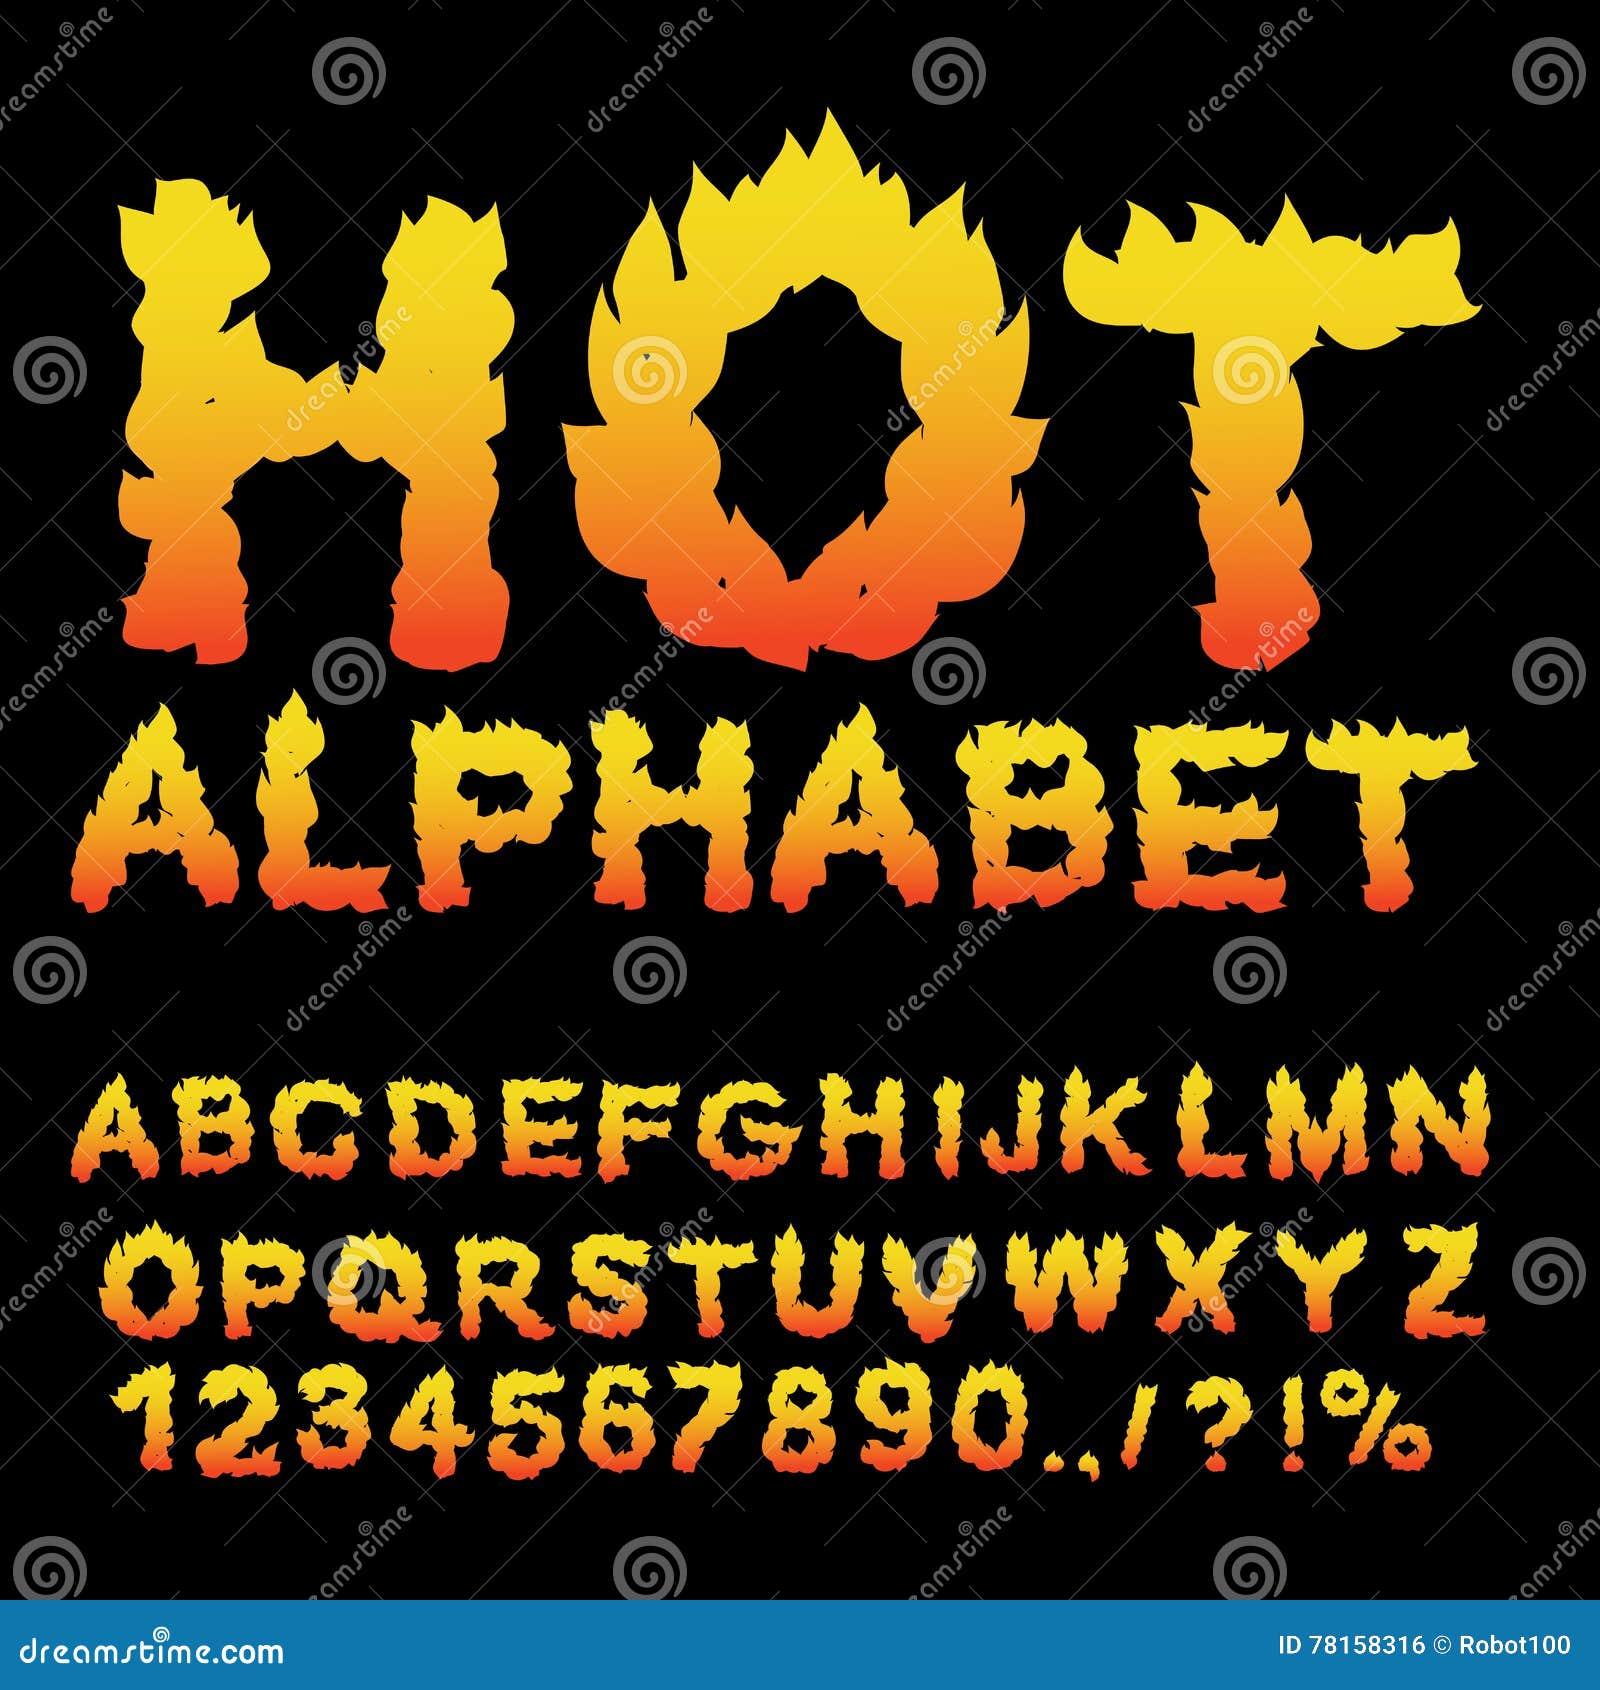 Number Flame Font Stock Illustrations – 1,015 Number Flame Font